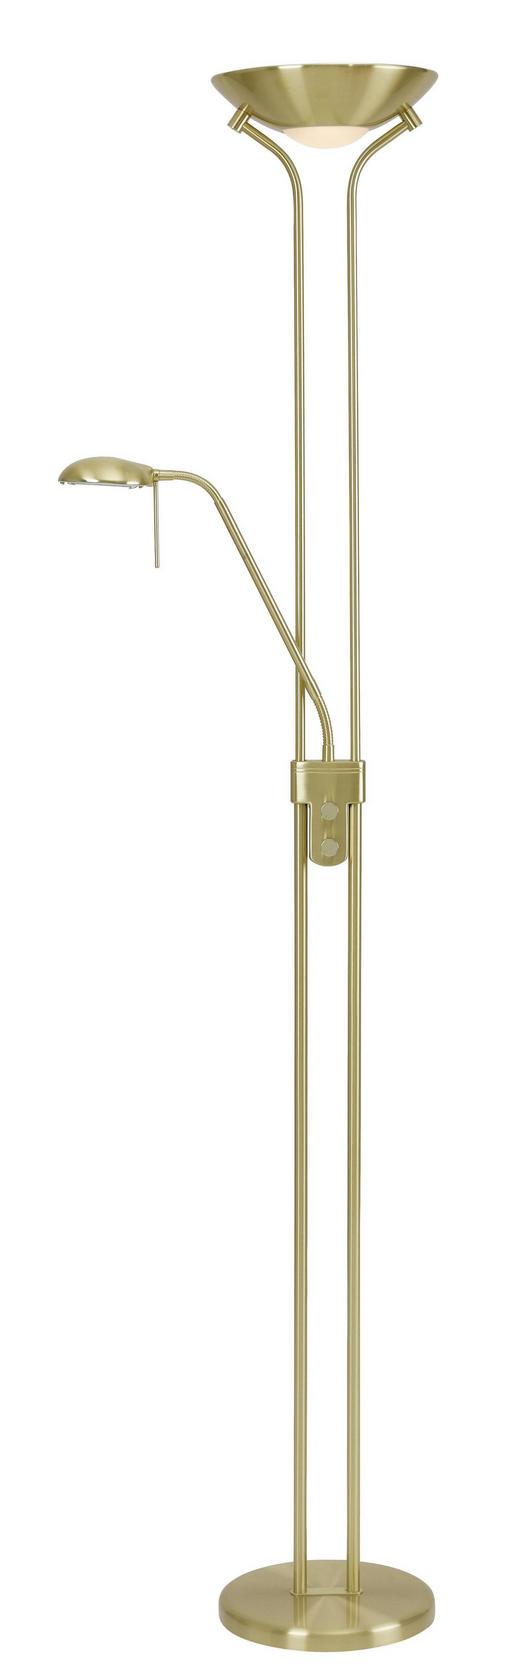 STEHLEUCHTE - Messingfarben, KONVENTIONELL, Glas/Metall (25,5/180cm) - Boxxx